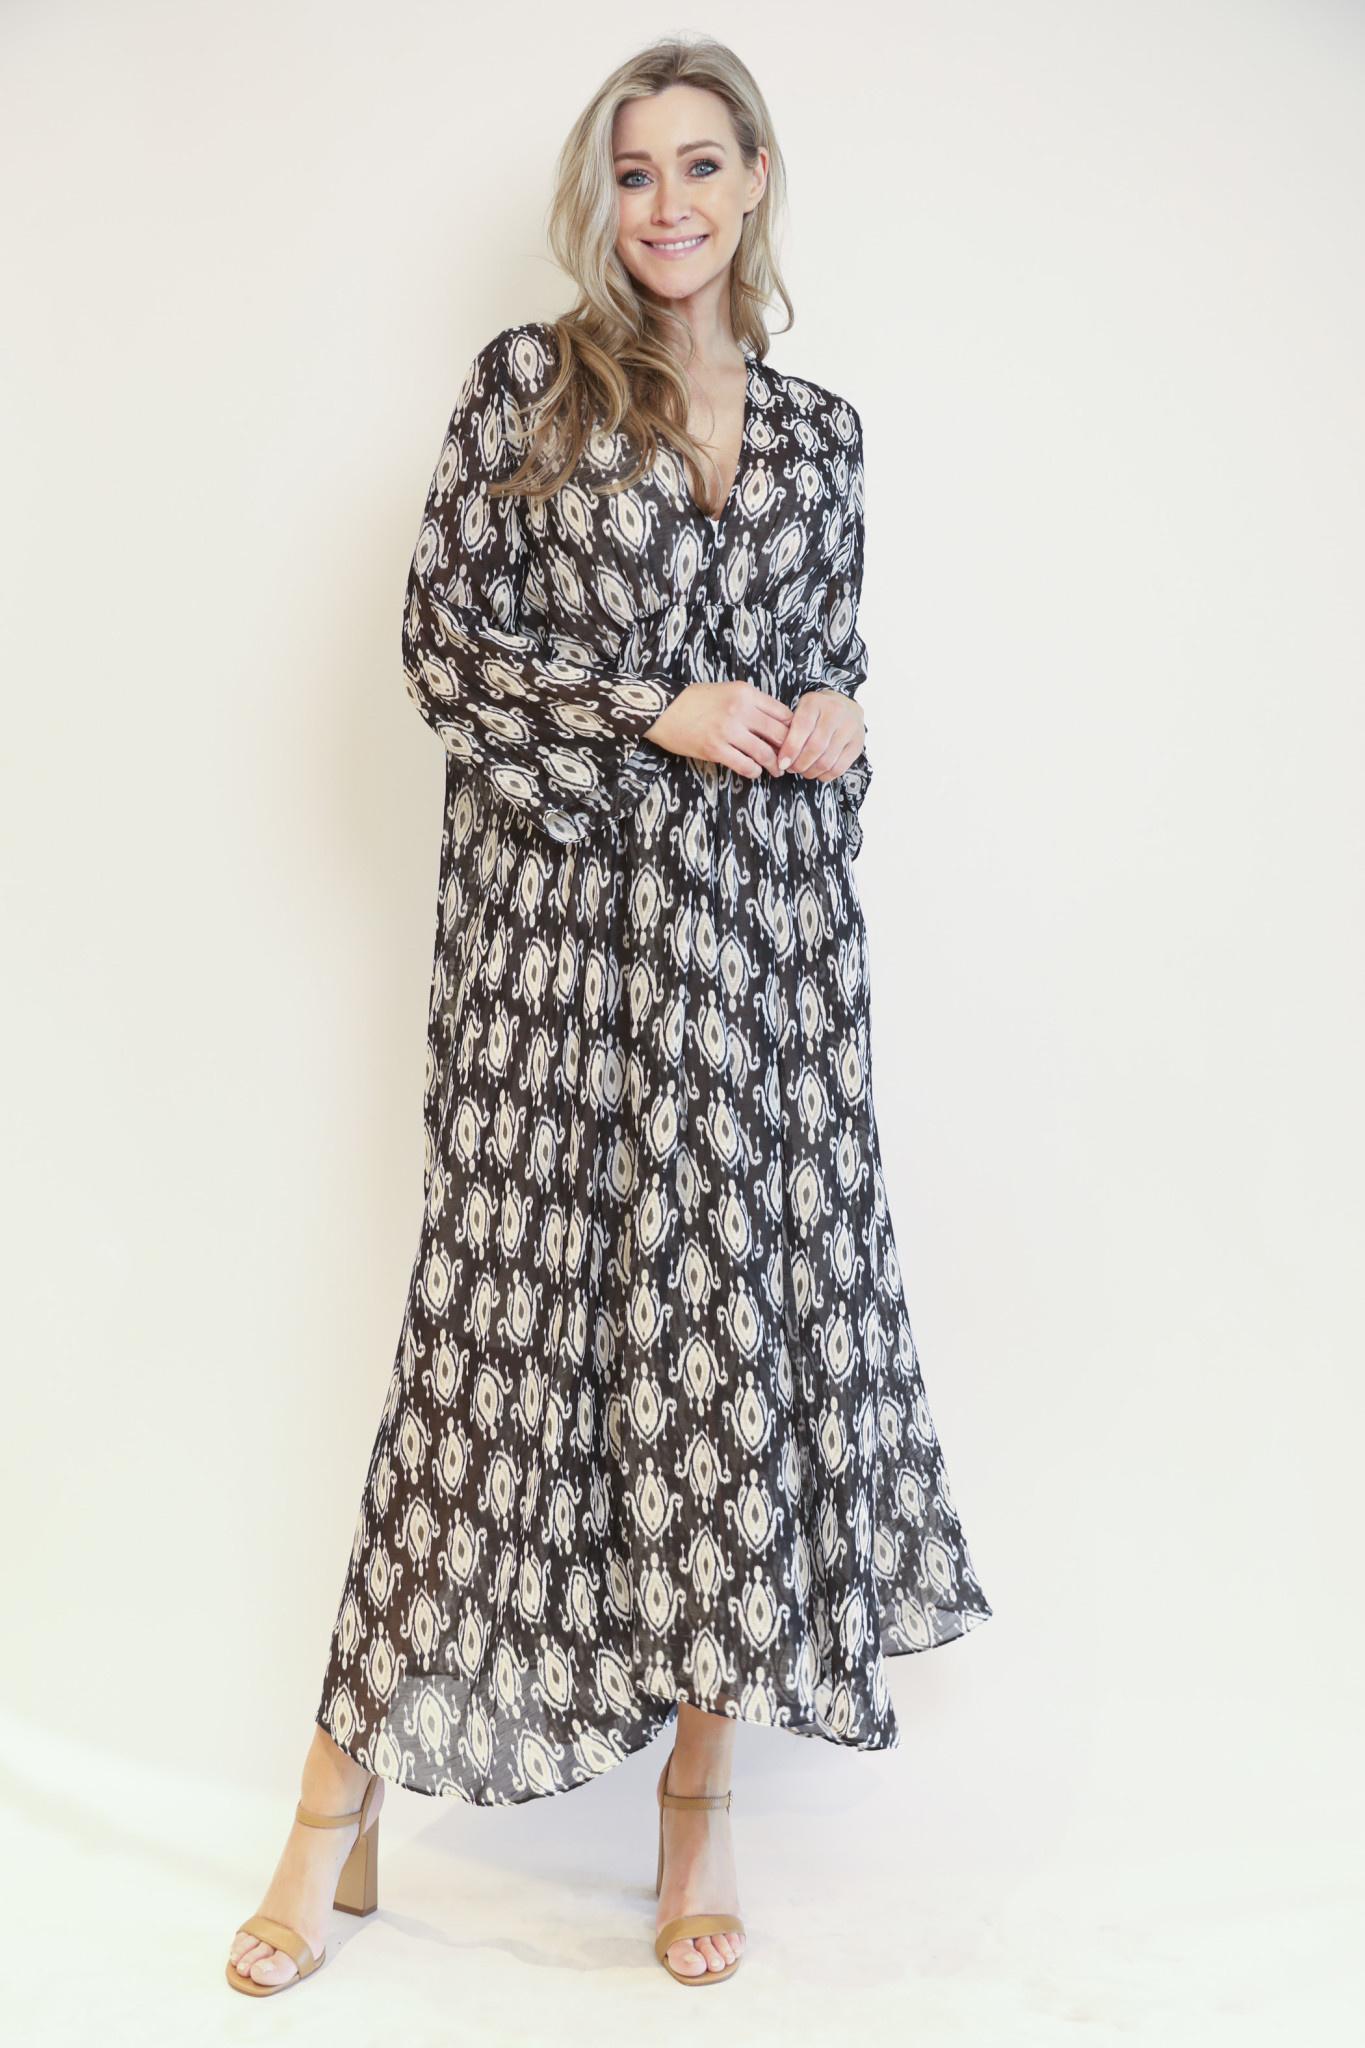 ofelia dress Antonelli-1